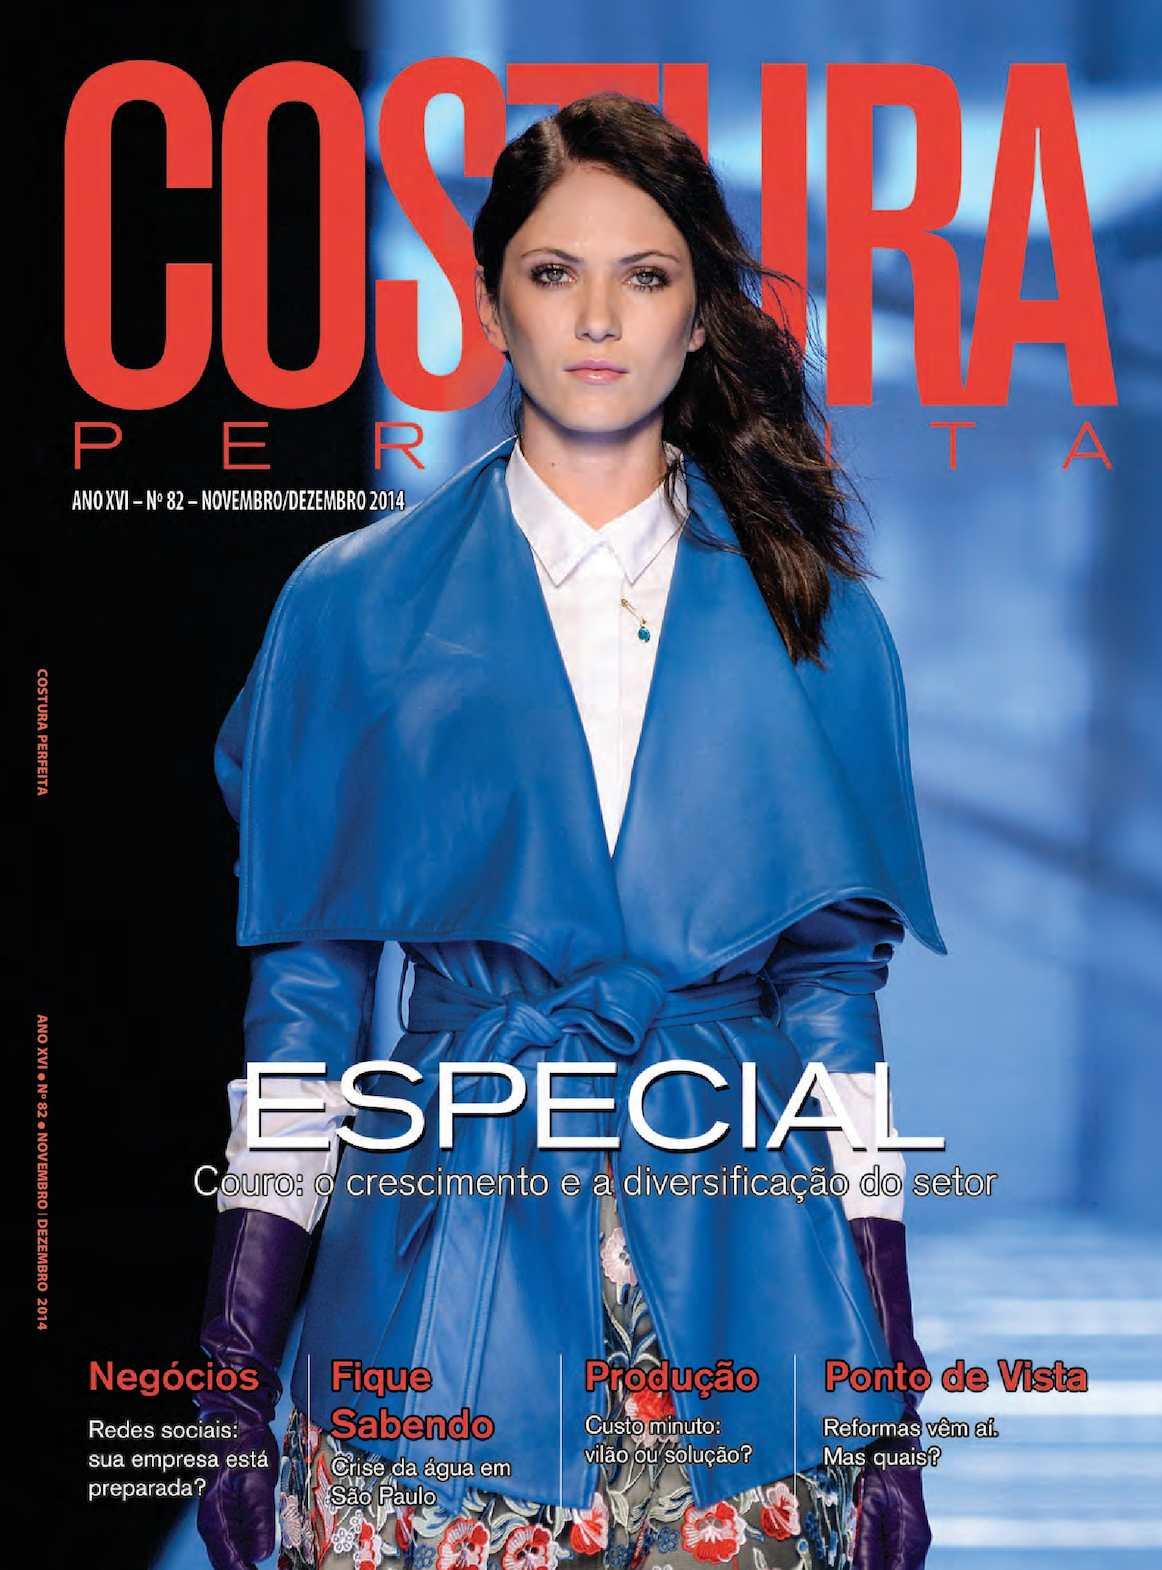 0ad74d33e Calaméo - Revista Costura Perfeita Edição Ano XVI - N82 - Novembro-Dezembro  2014